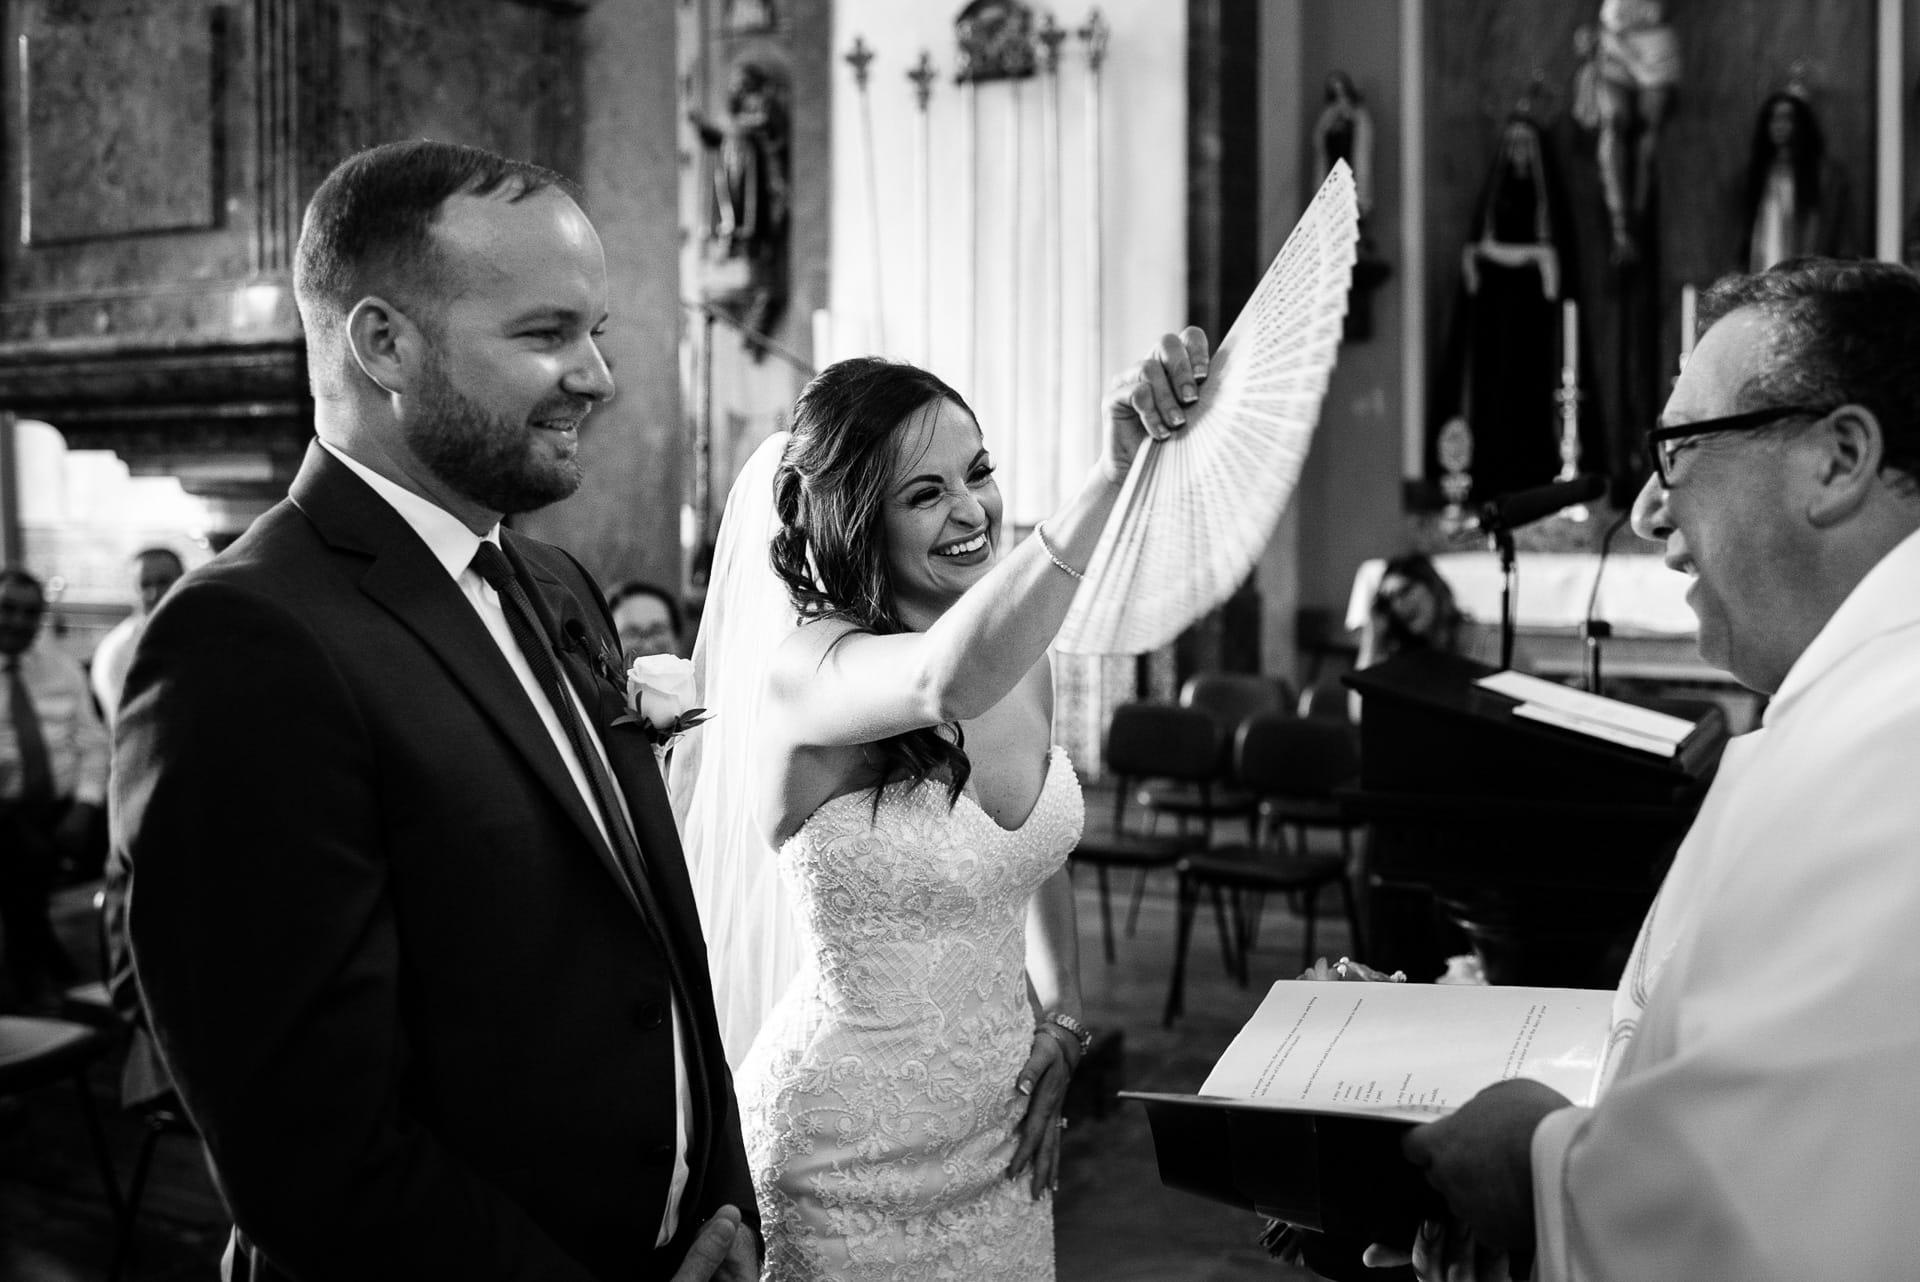 Jennifer & Scott - Wedding - Palacio de Estoi - Algarve - Luis Efigenio